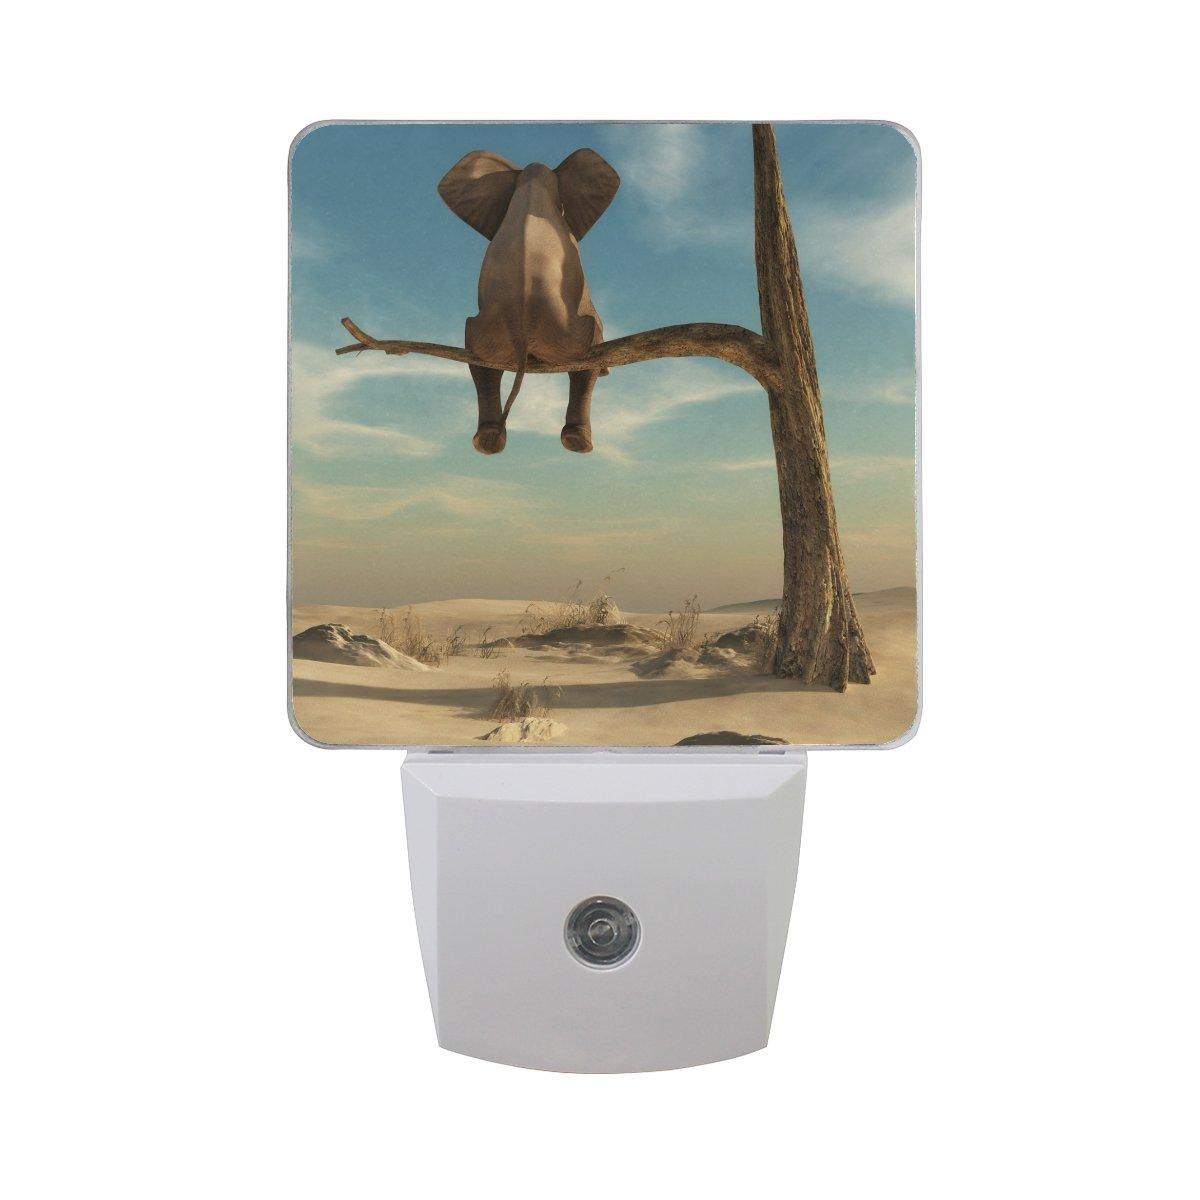 プラグインLED夜ライトランプ象Stands on Branch of Witheredツリー印刷with Dusk to Dawnセンサーのベッドルーム、バスルーム、廊下、階段、2 pack-0.5 W B07CVG651M